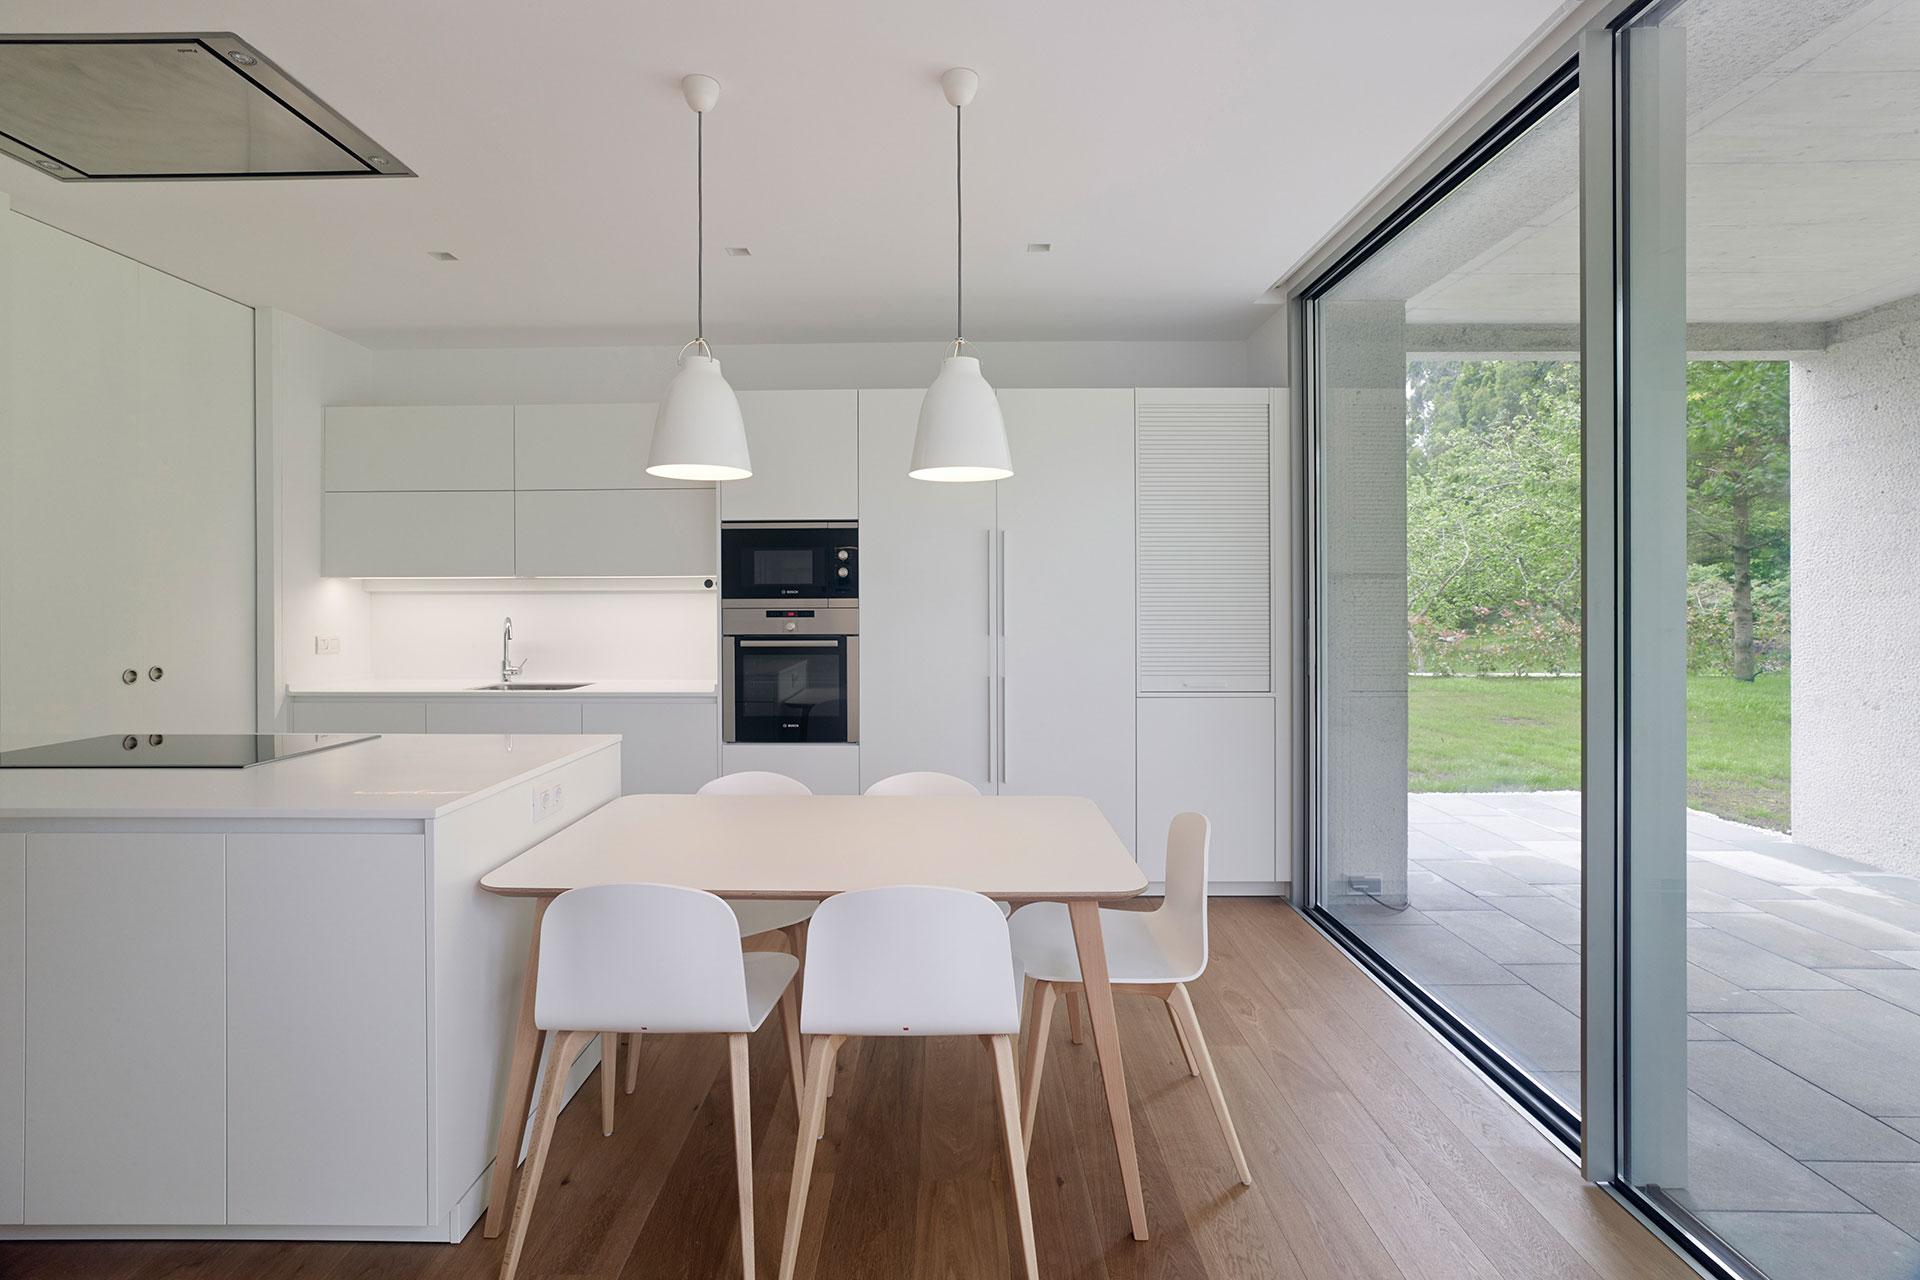 14 cocinas con isla para inspirarte fotos consejos y medidas - Isla de cocina con mesa ...